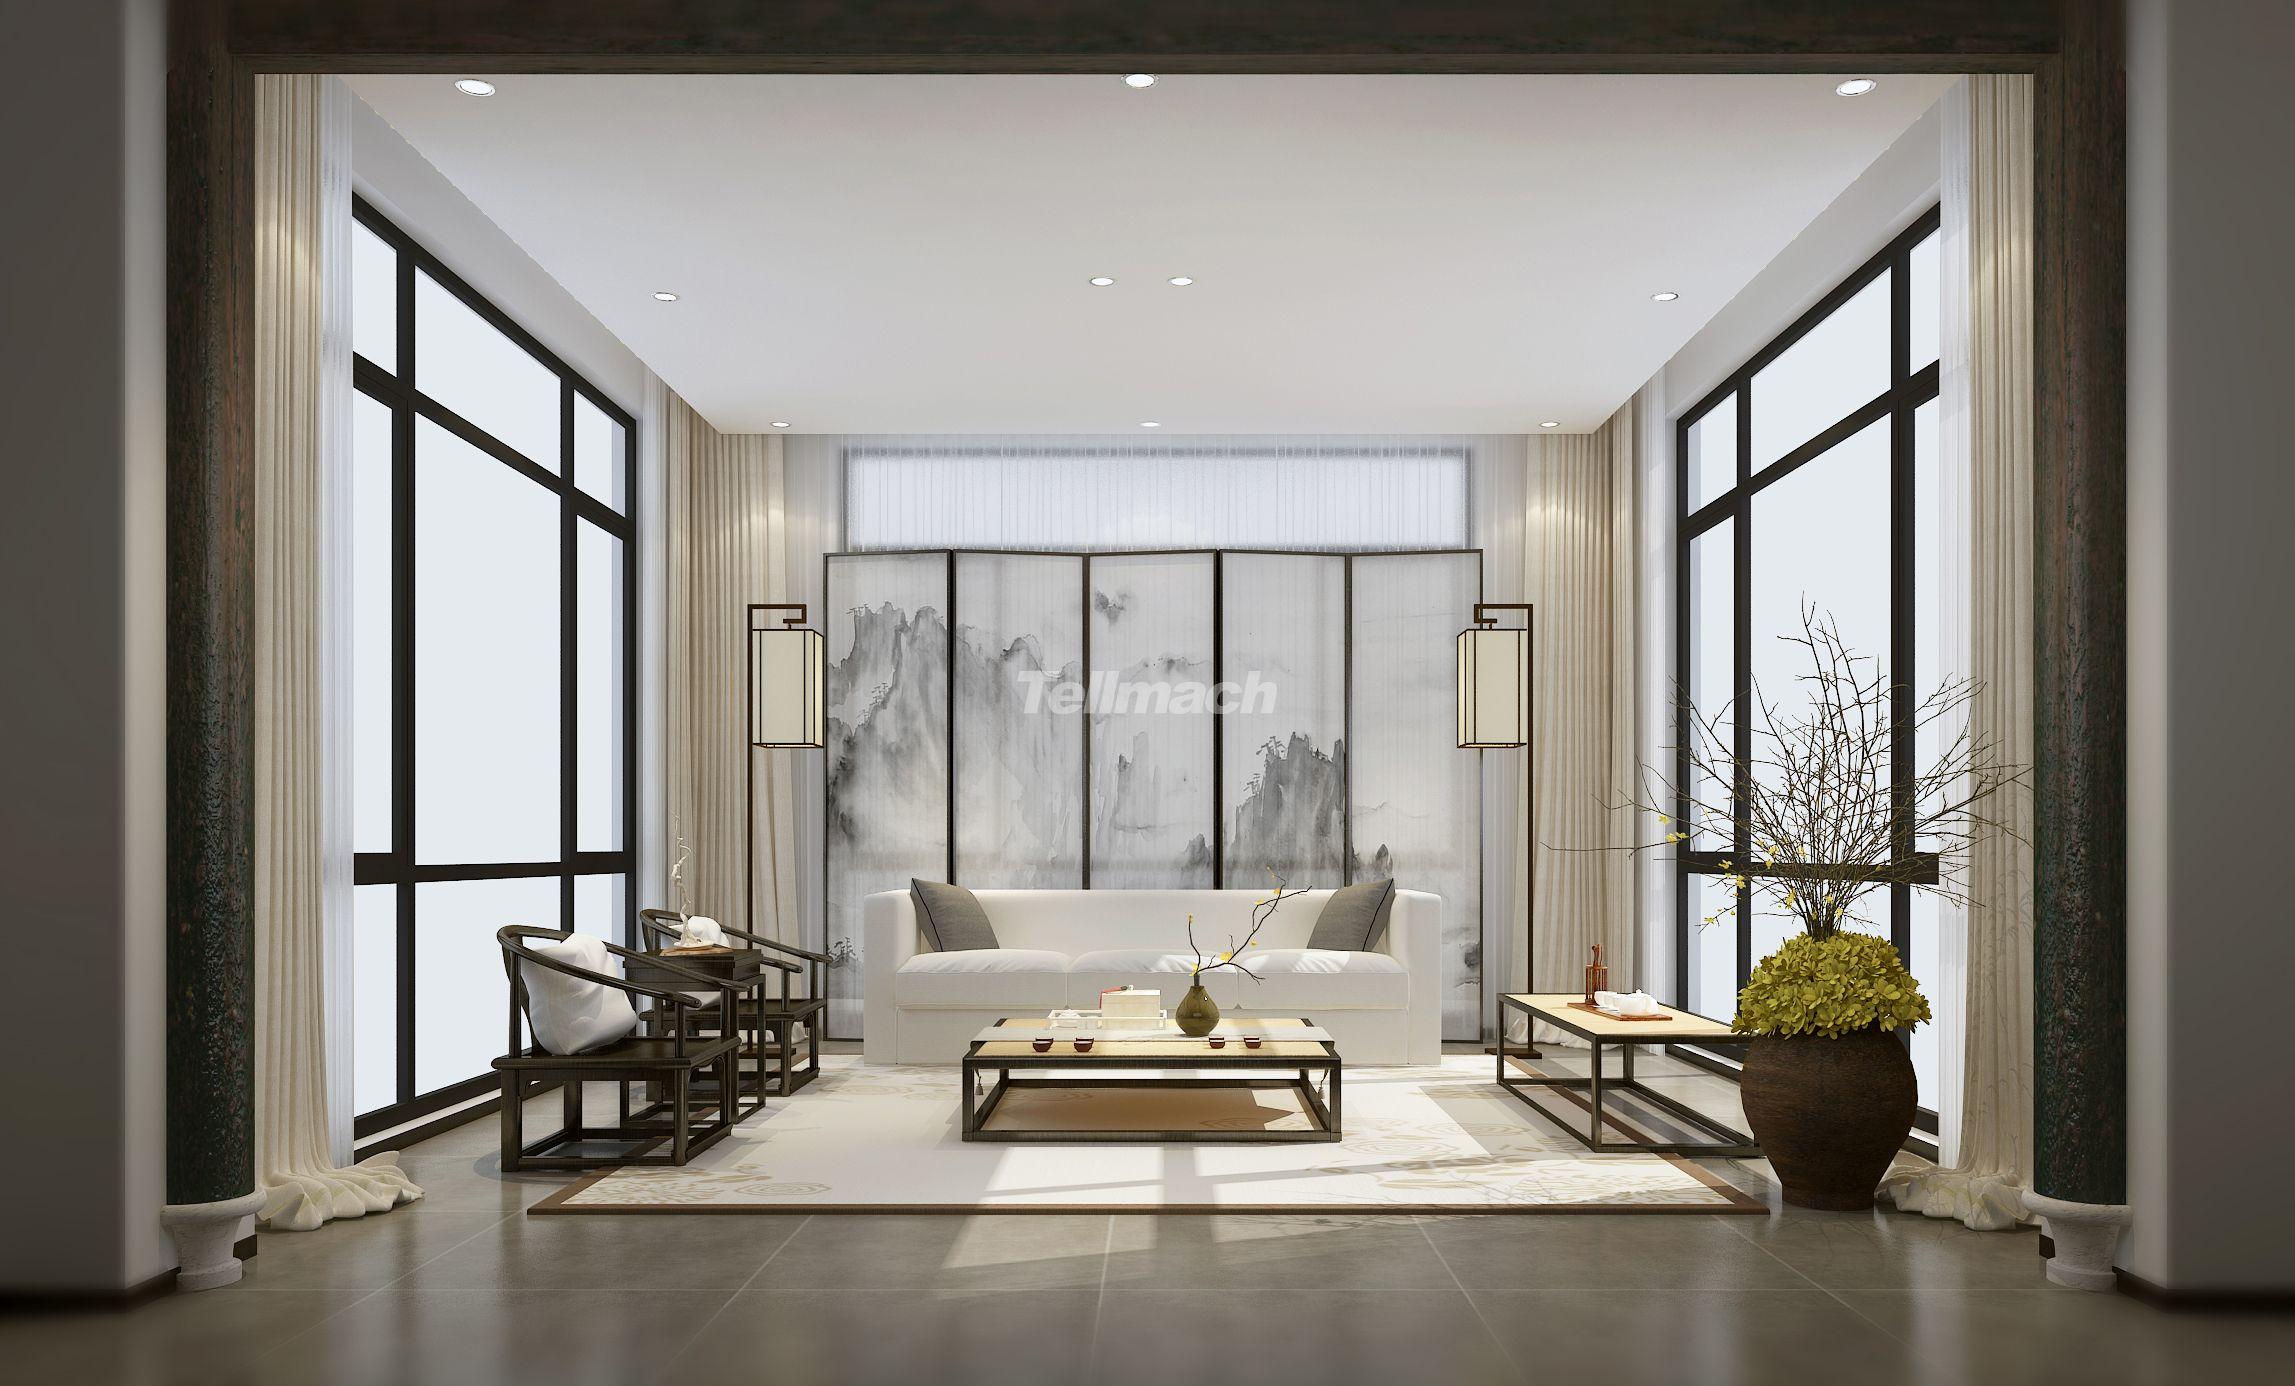 禅意400平米别墅装修案例静享发簪中式紫荆花风格设计图图片